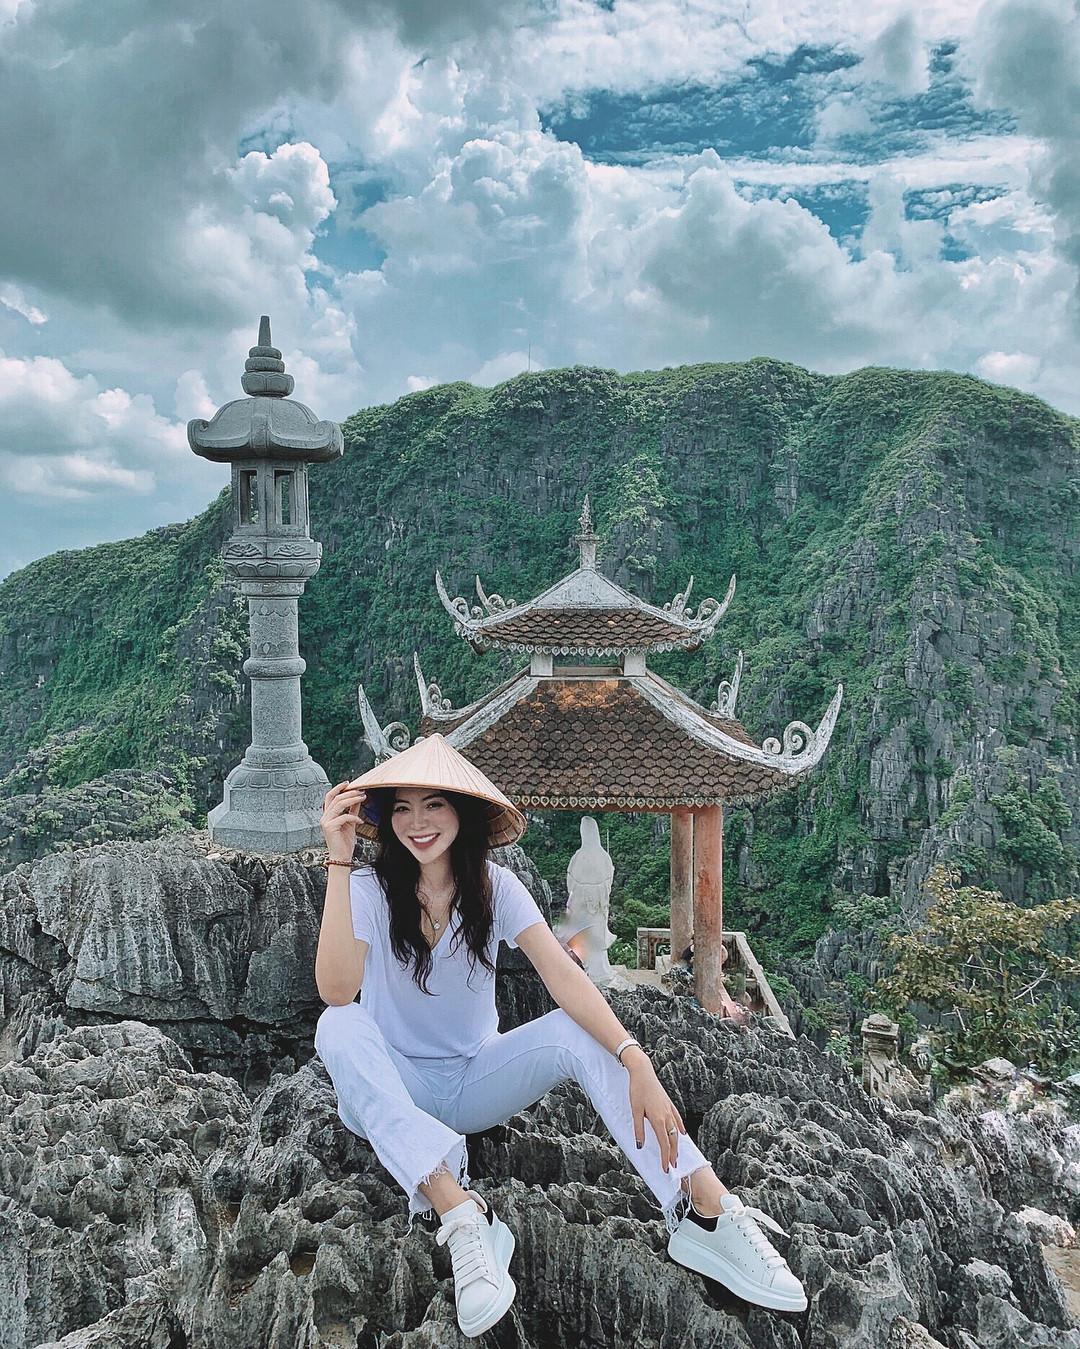 Hang Múa mờ ảo, khác biệt trong ảnh chỉnh sửa của giới trẻ Việt Ảnh 11